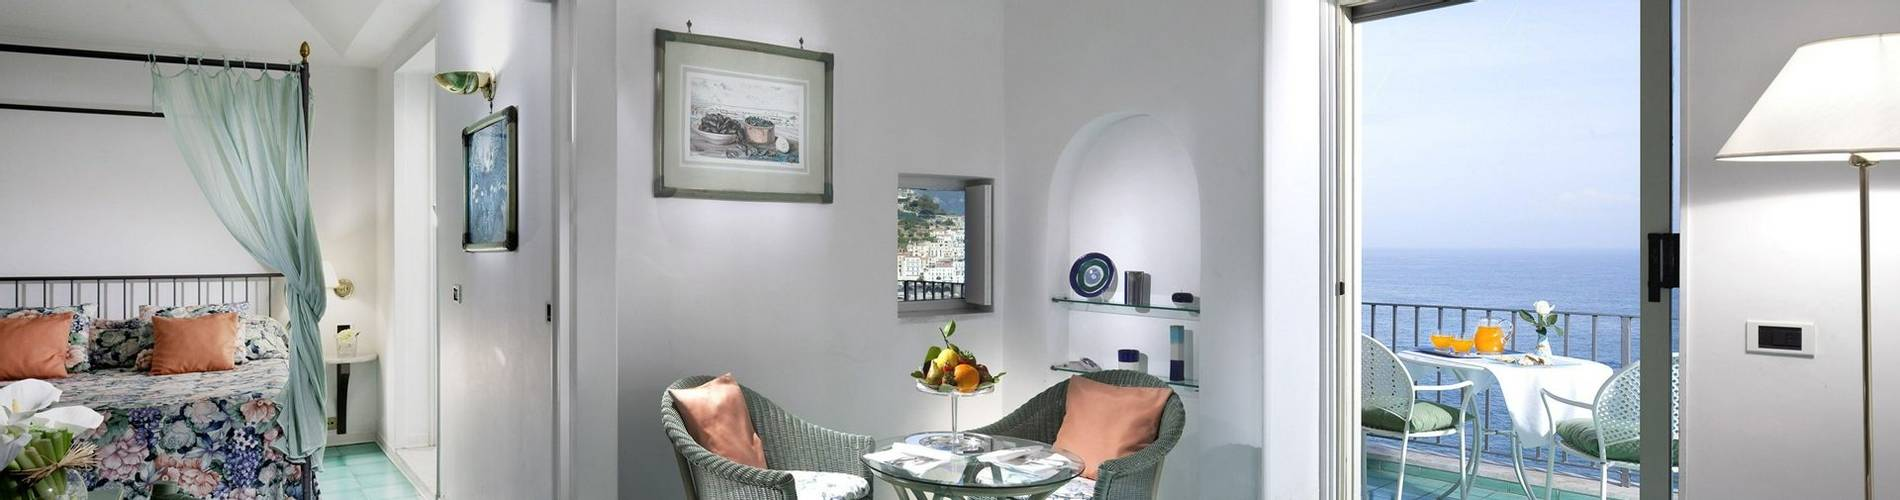 Miramalfi, Amalfi Coast, Italy, Suite.jpg